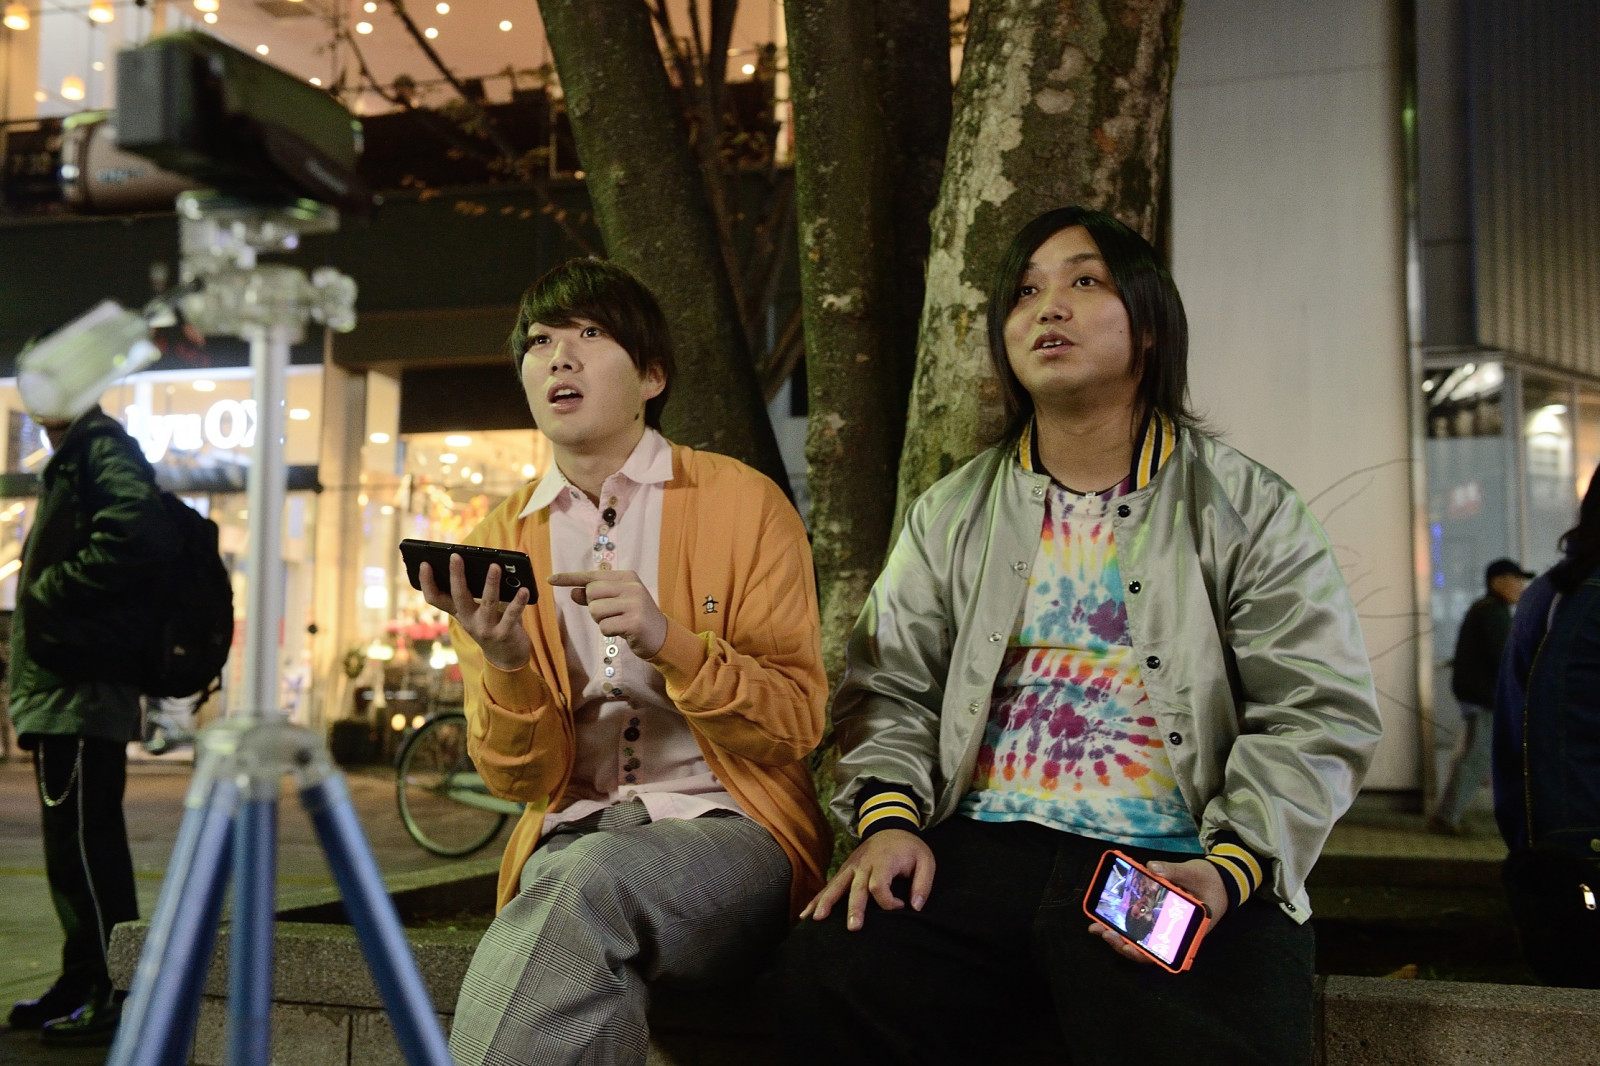 呪いの動画とどう関わる?!超人気YouTuber水溜りボンドが映画『貞子』に参戦!同時に場面写真も解禁